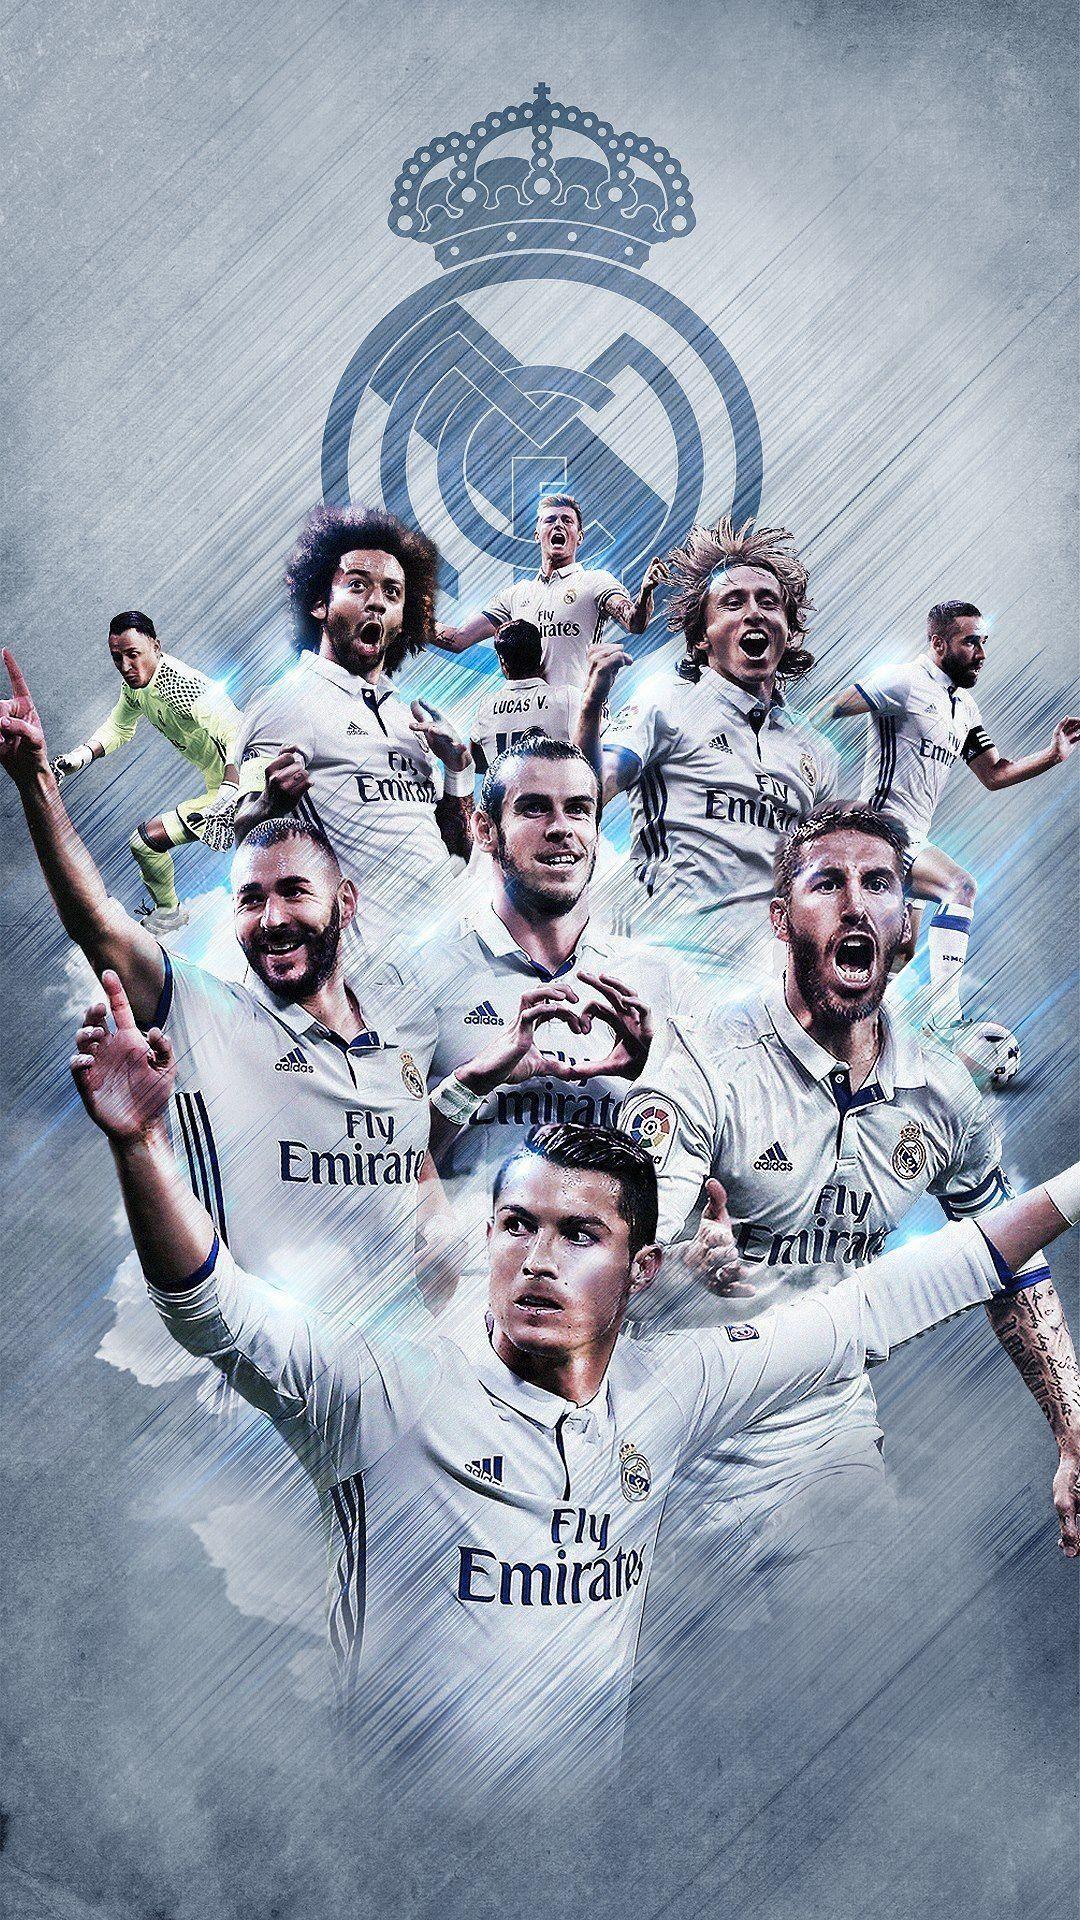 Real Madrid Wallpaper Hd 2019 Di 2020